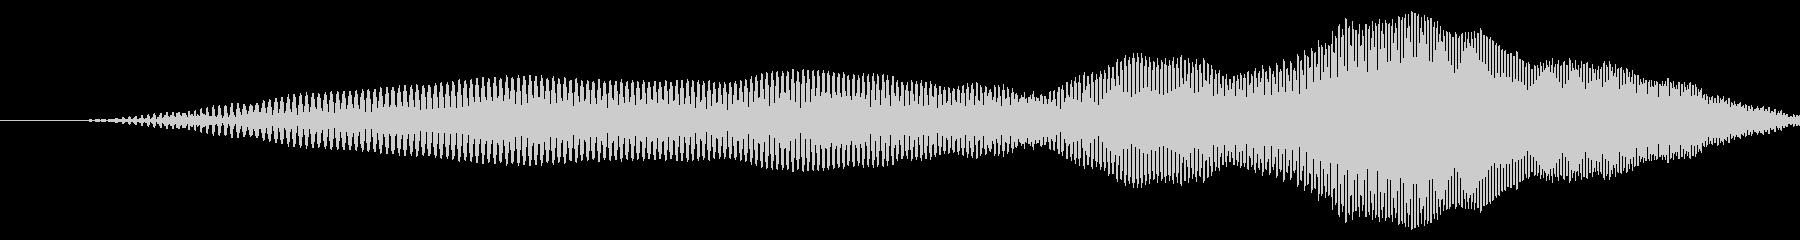 漫画のスライドslideが速くの未再生の波形